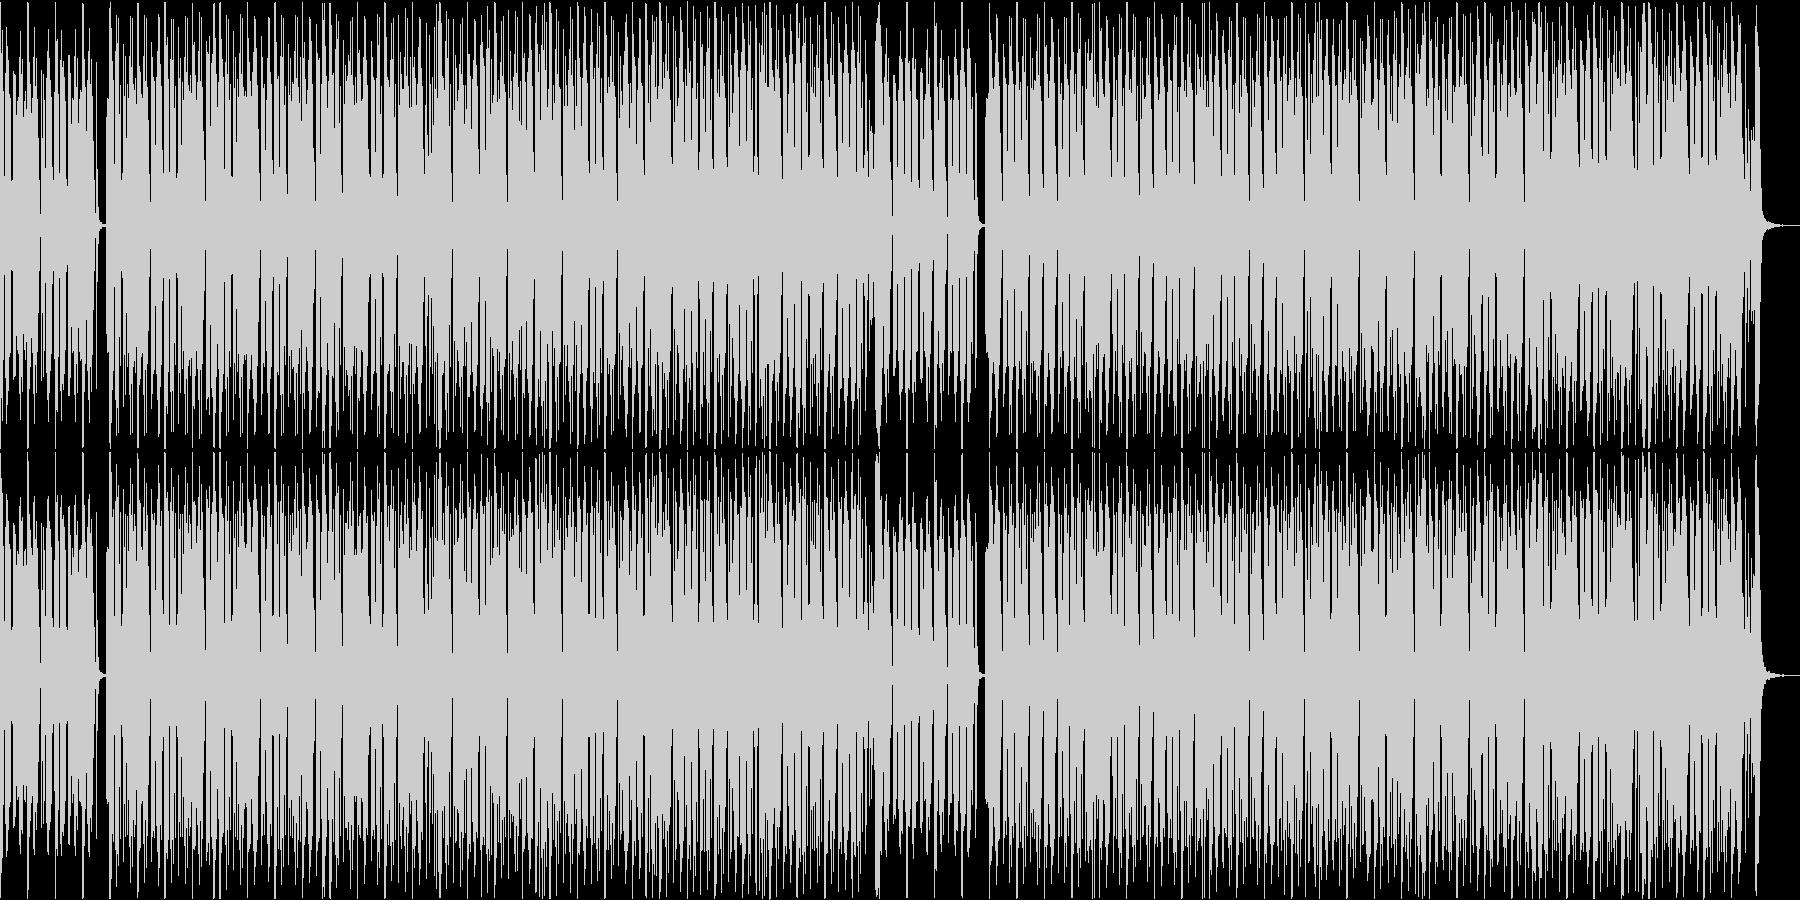 オリンピック ピクトグラムのイメージ曲の未再生の波形